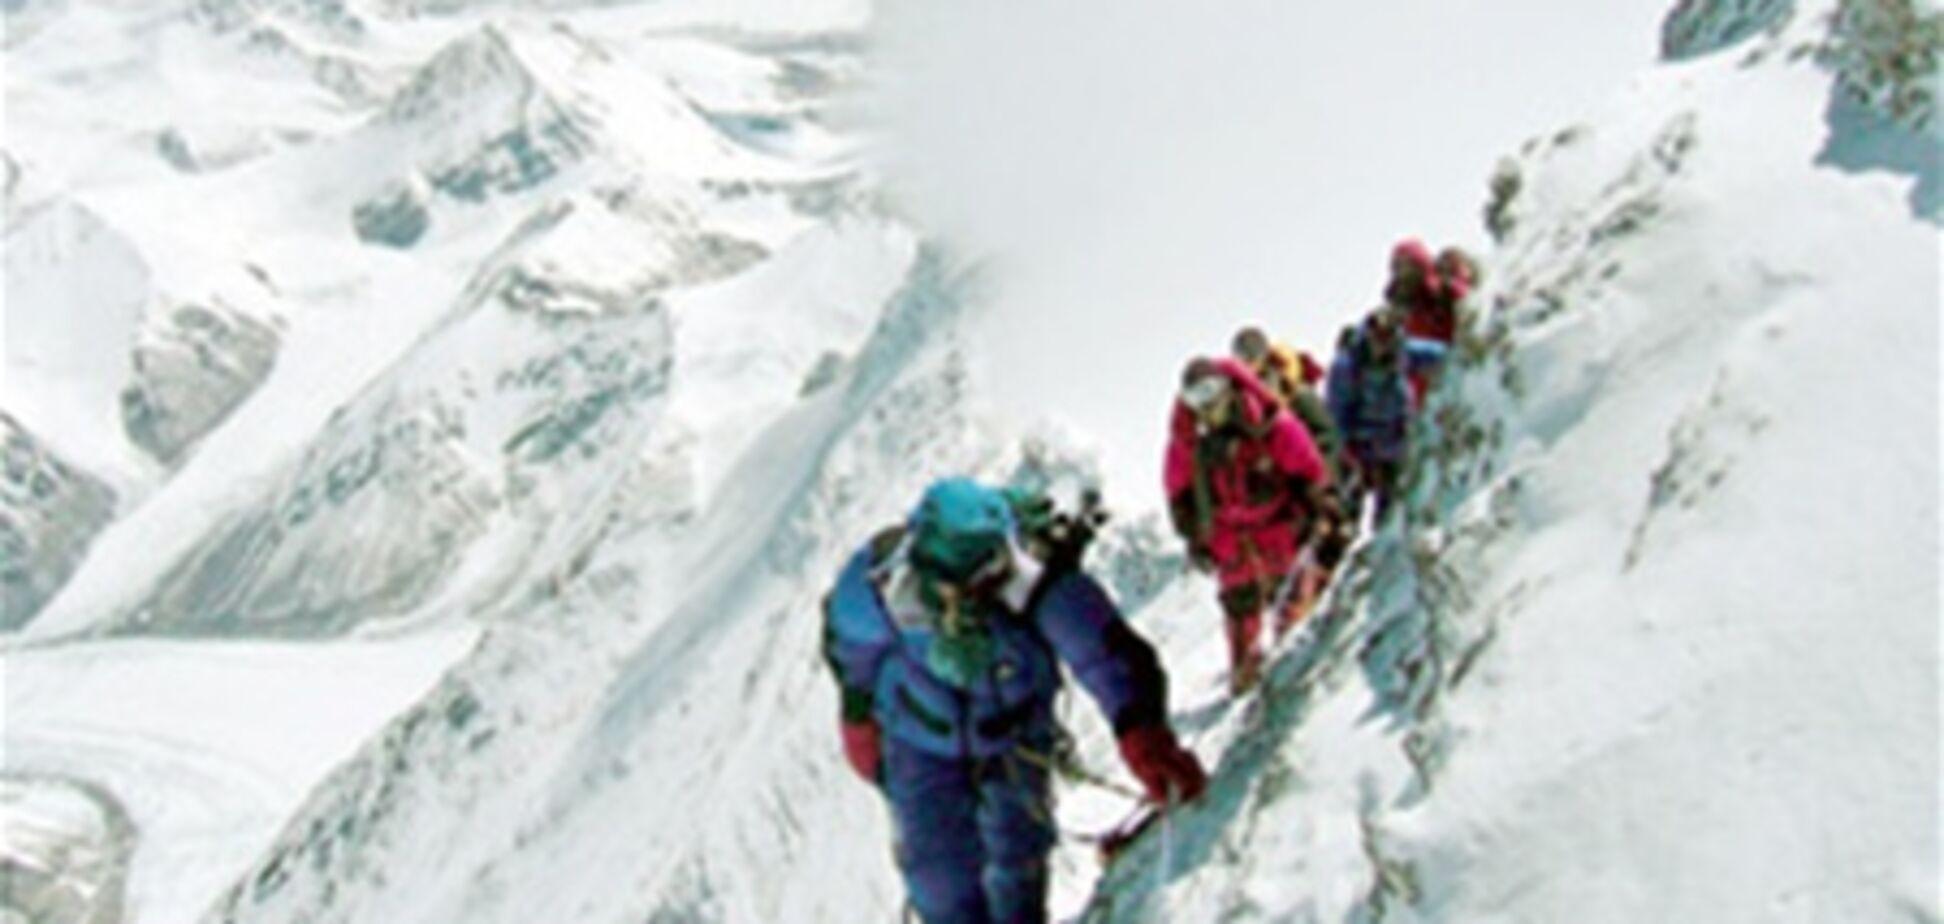 Украинские альпинисты попросили помощи у МЧС России